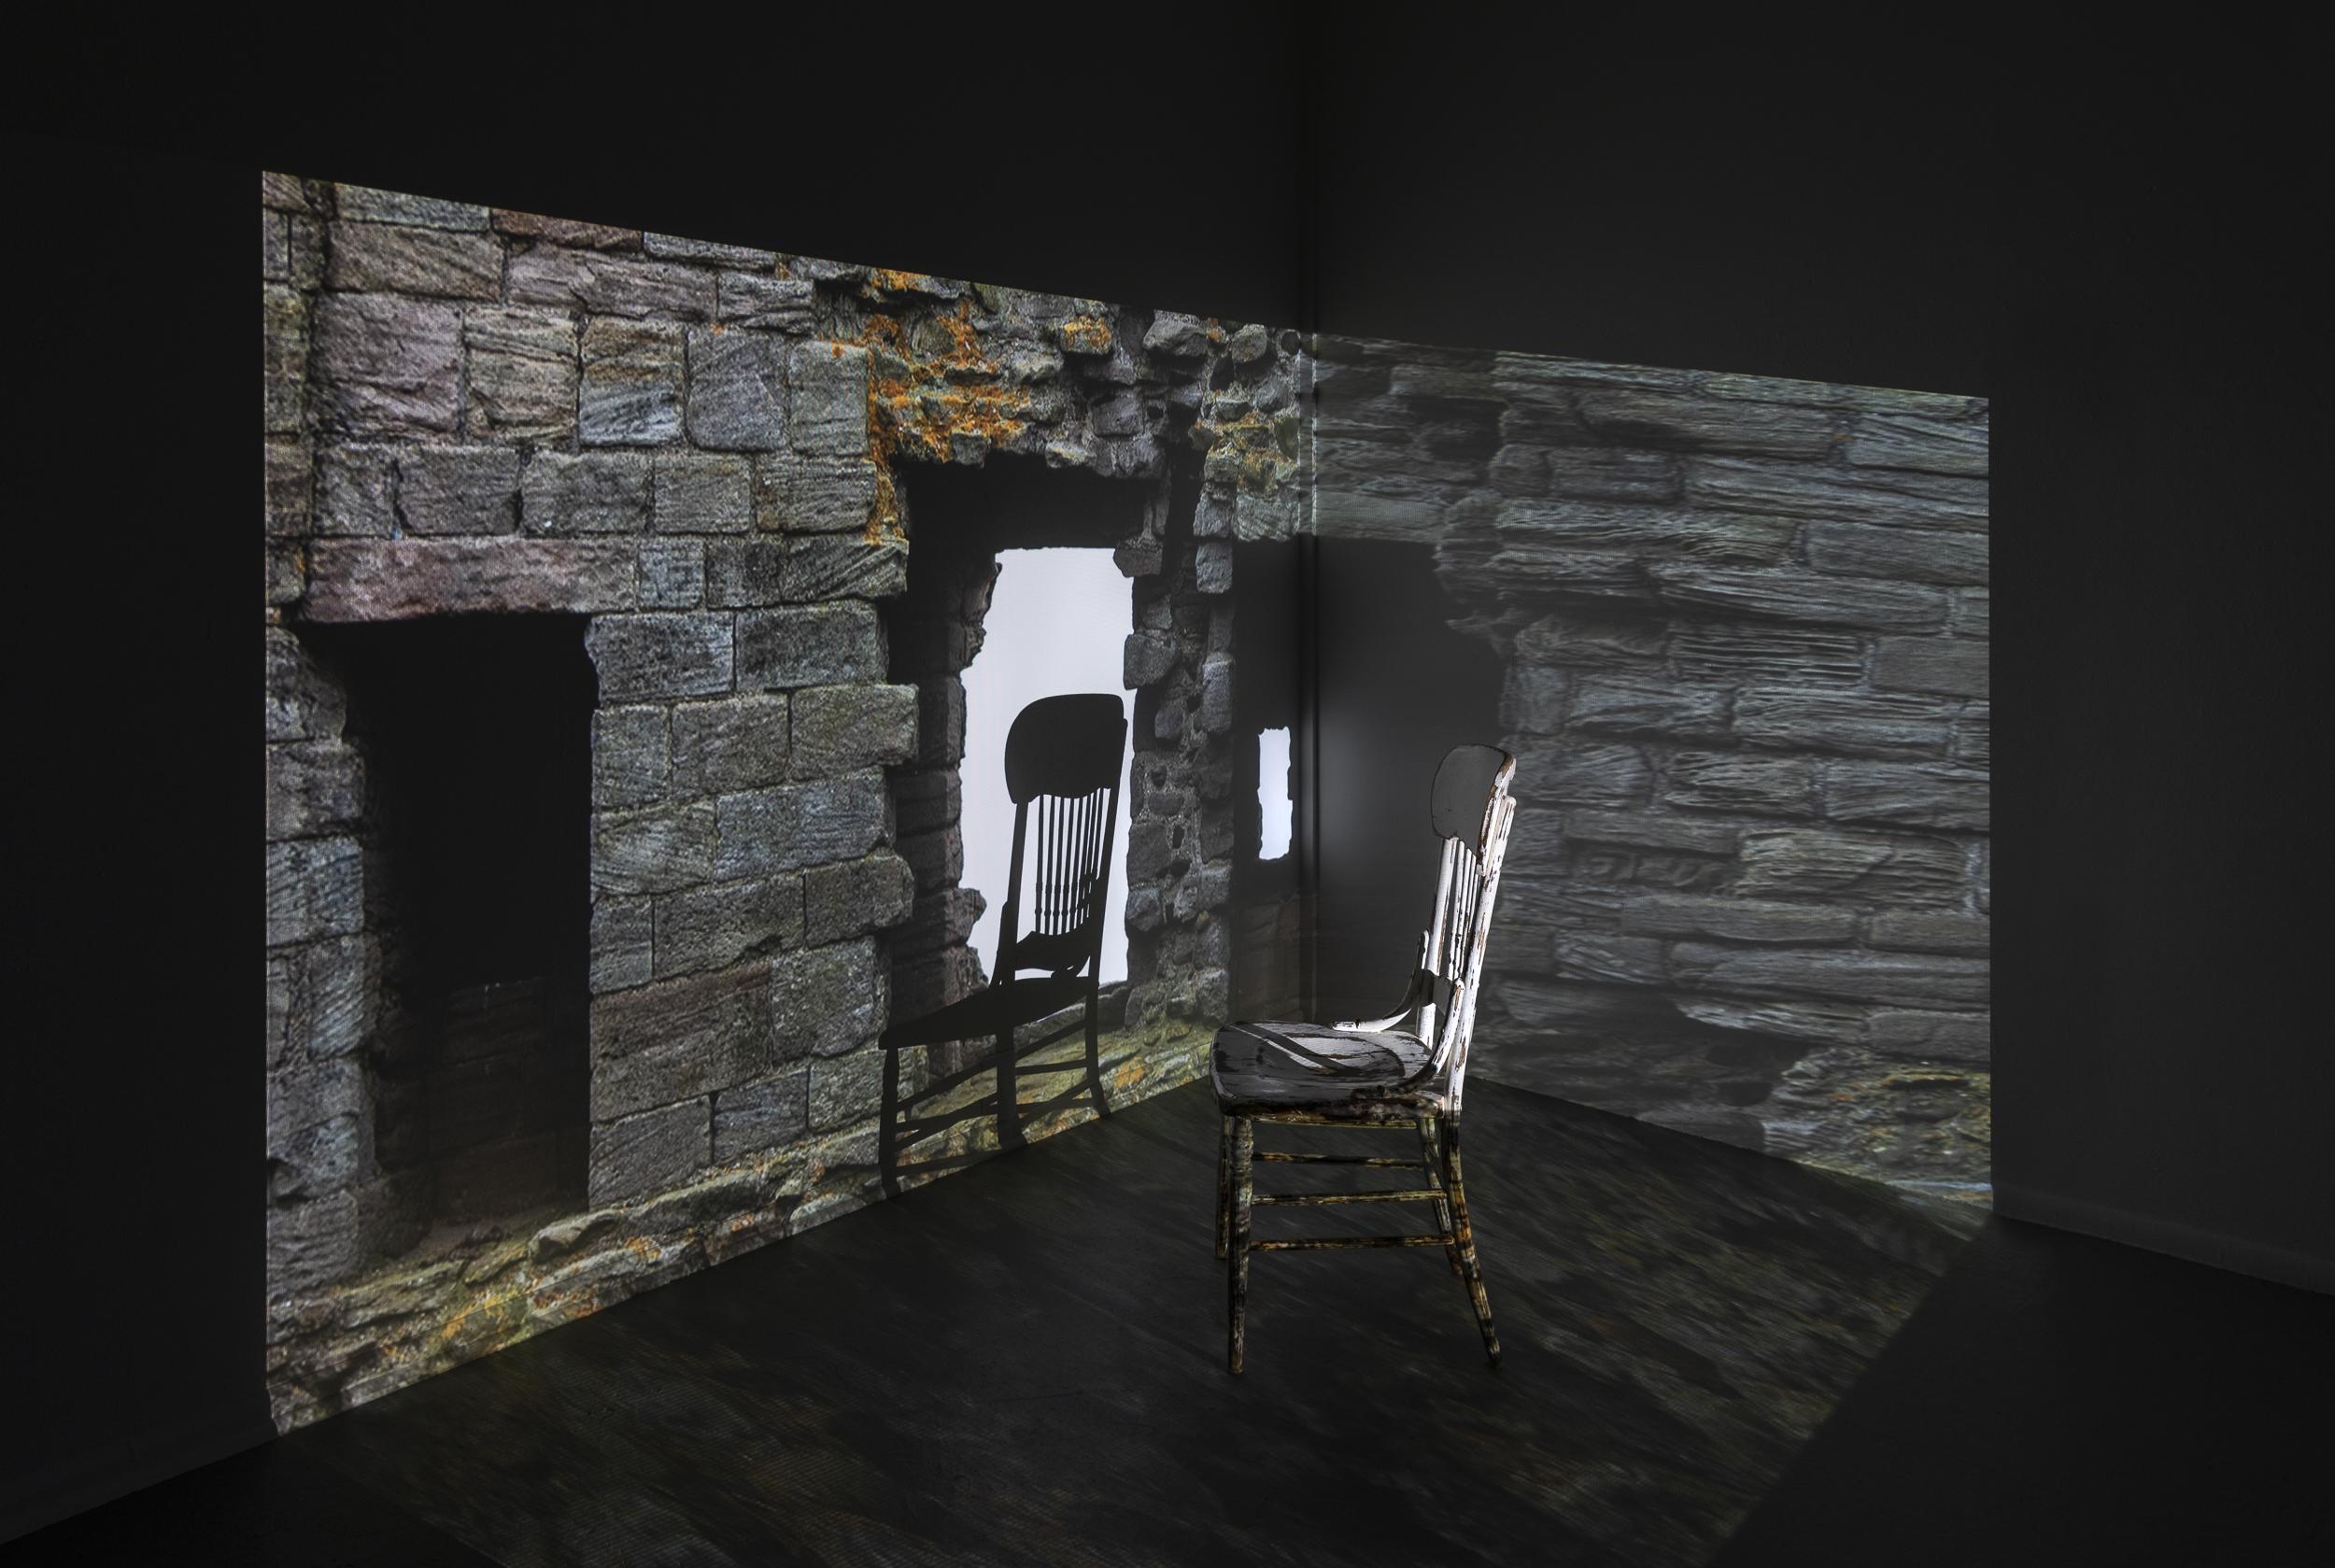 Scene III: Windows or Mirrors, 2018